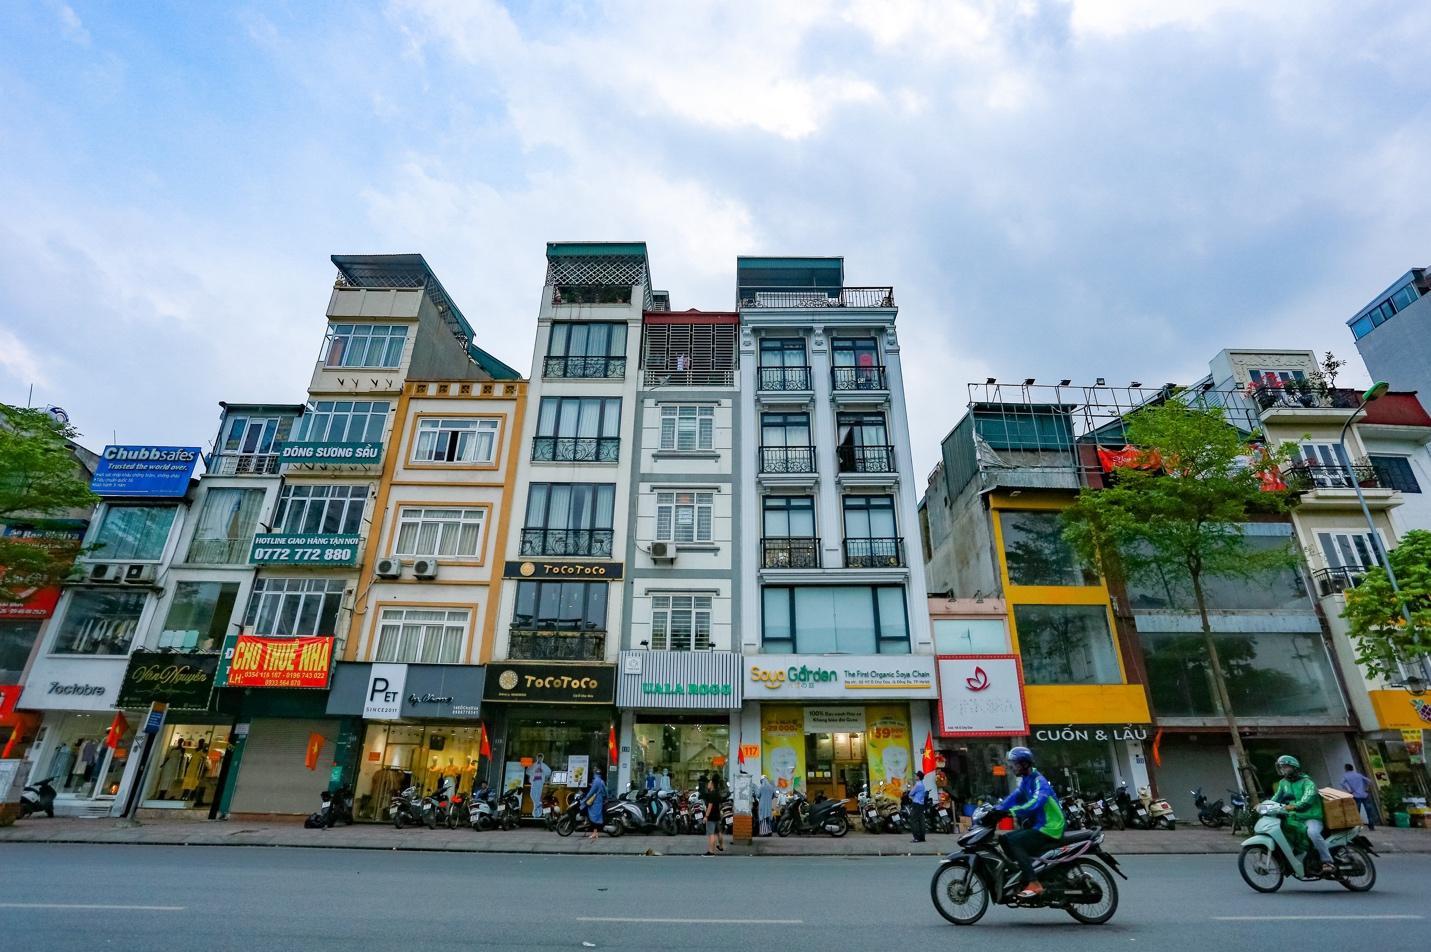 Cận cảnh 5 tuyến đường được mệnh danh đắt nhất hành tinh ở Hà Nội - Ảnh 9.